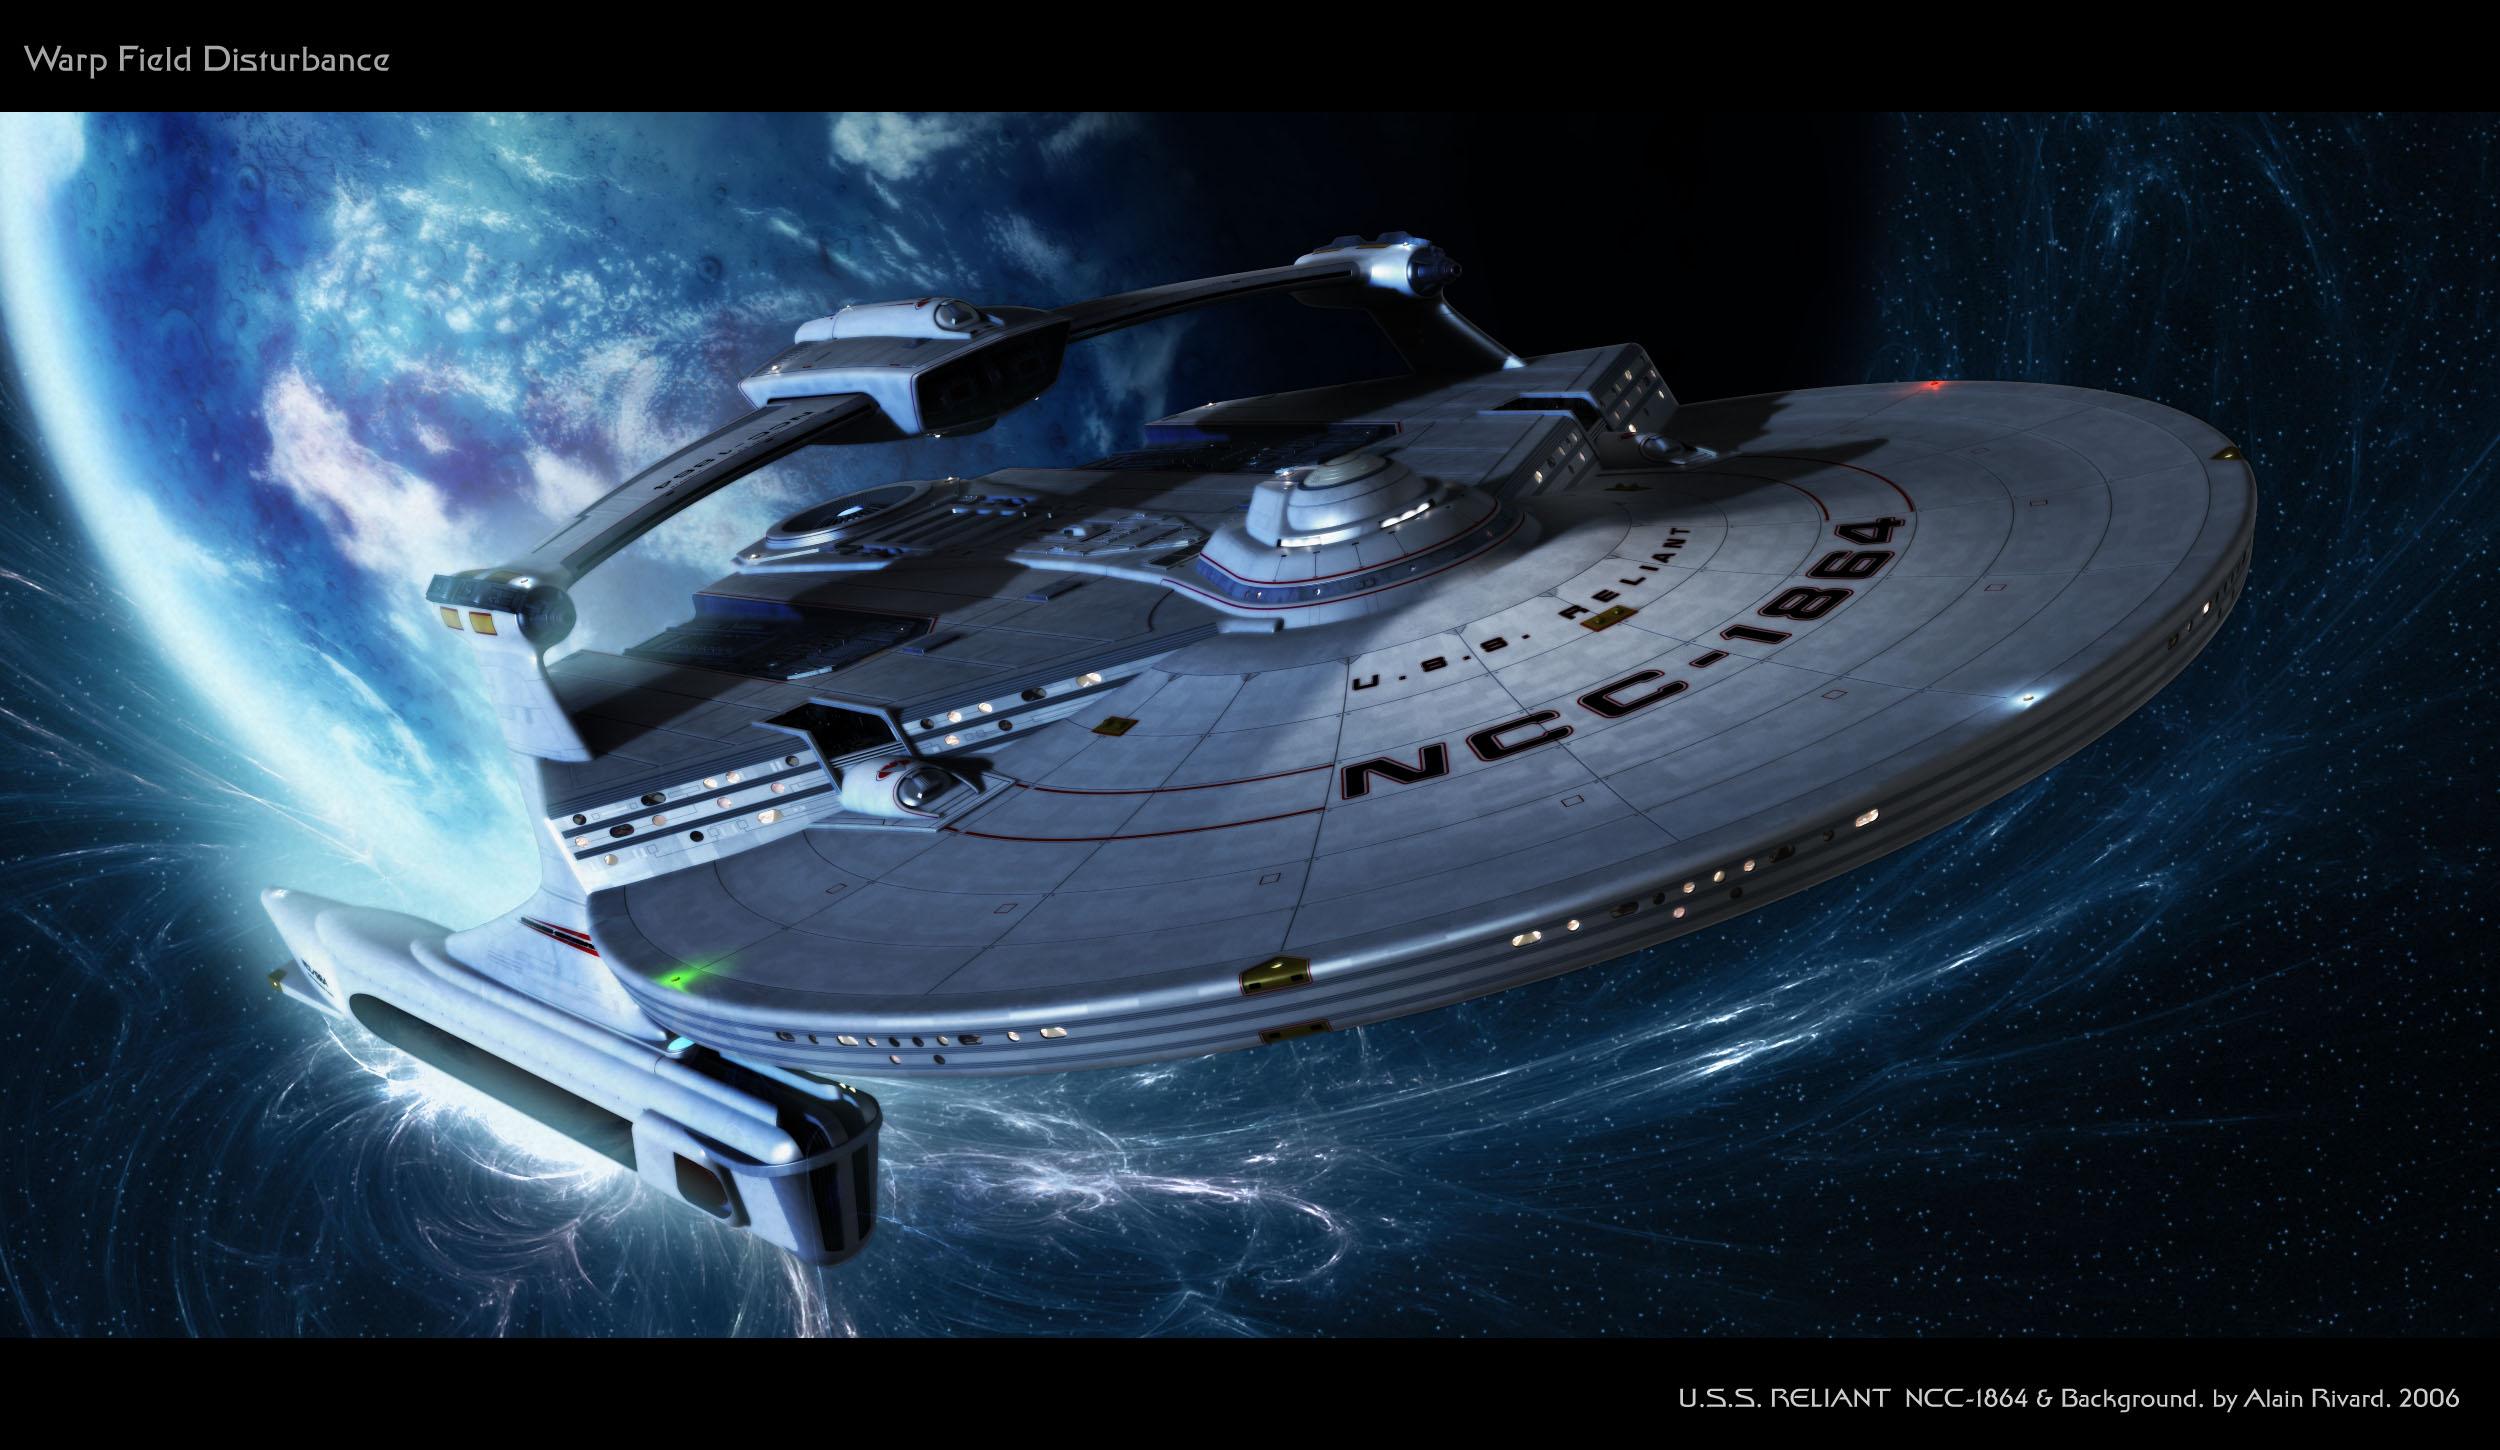 Download Star Trek Wallpaper 2500x1450 Wallpoper 386758 2500x1450